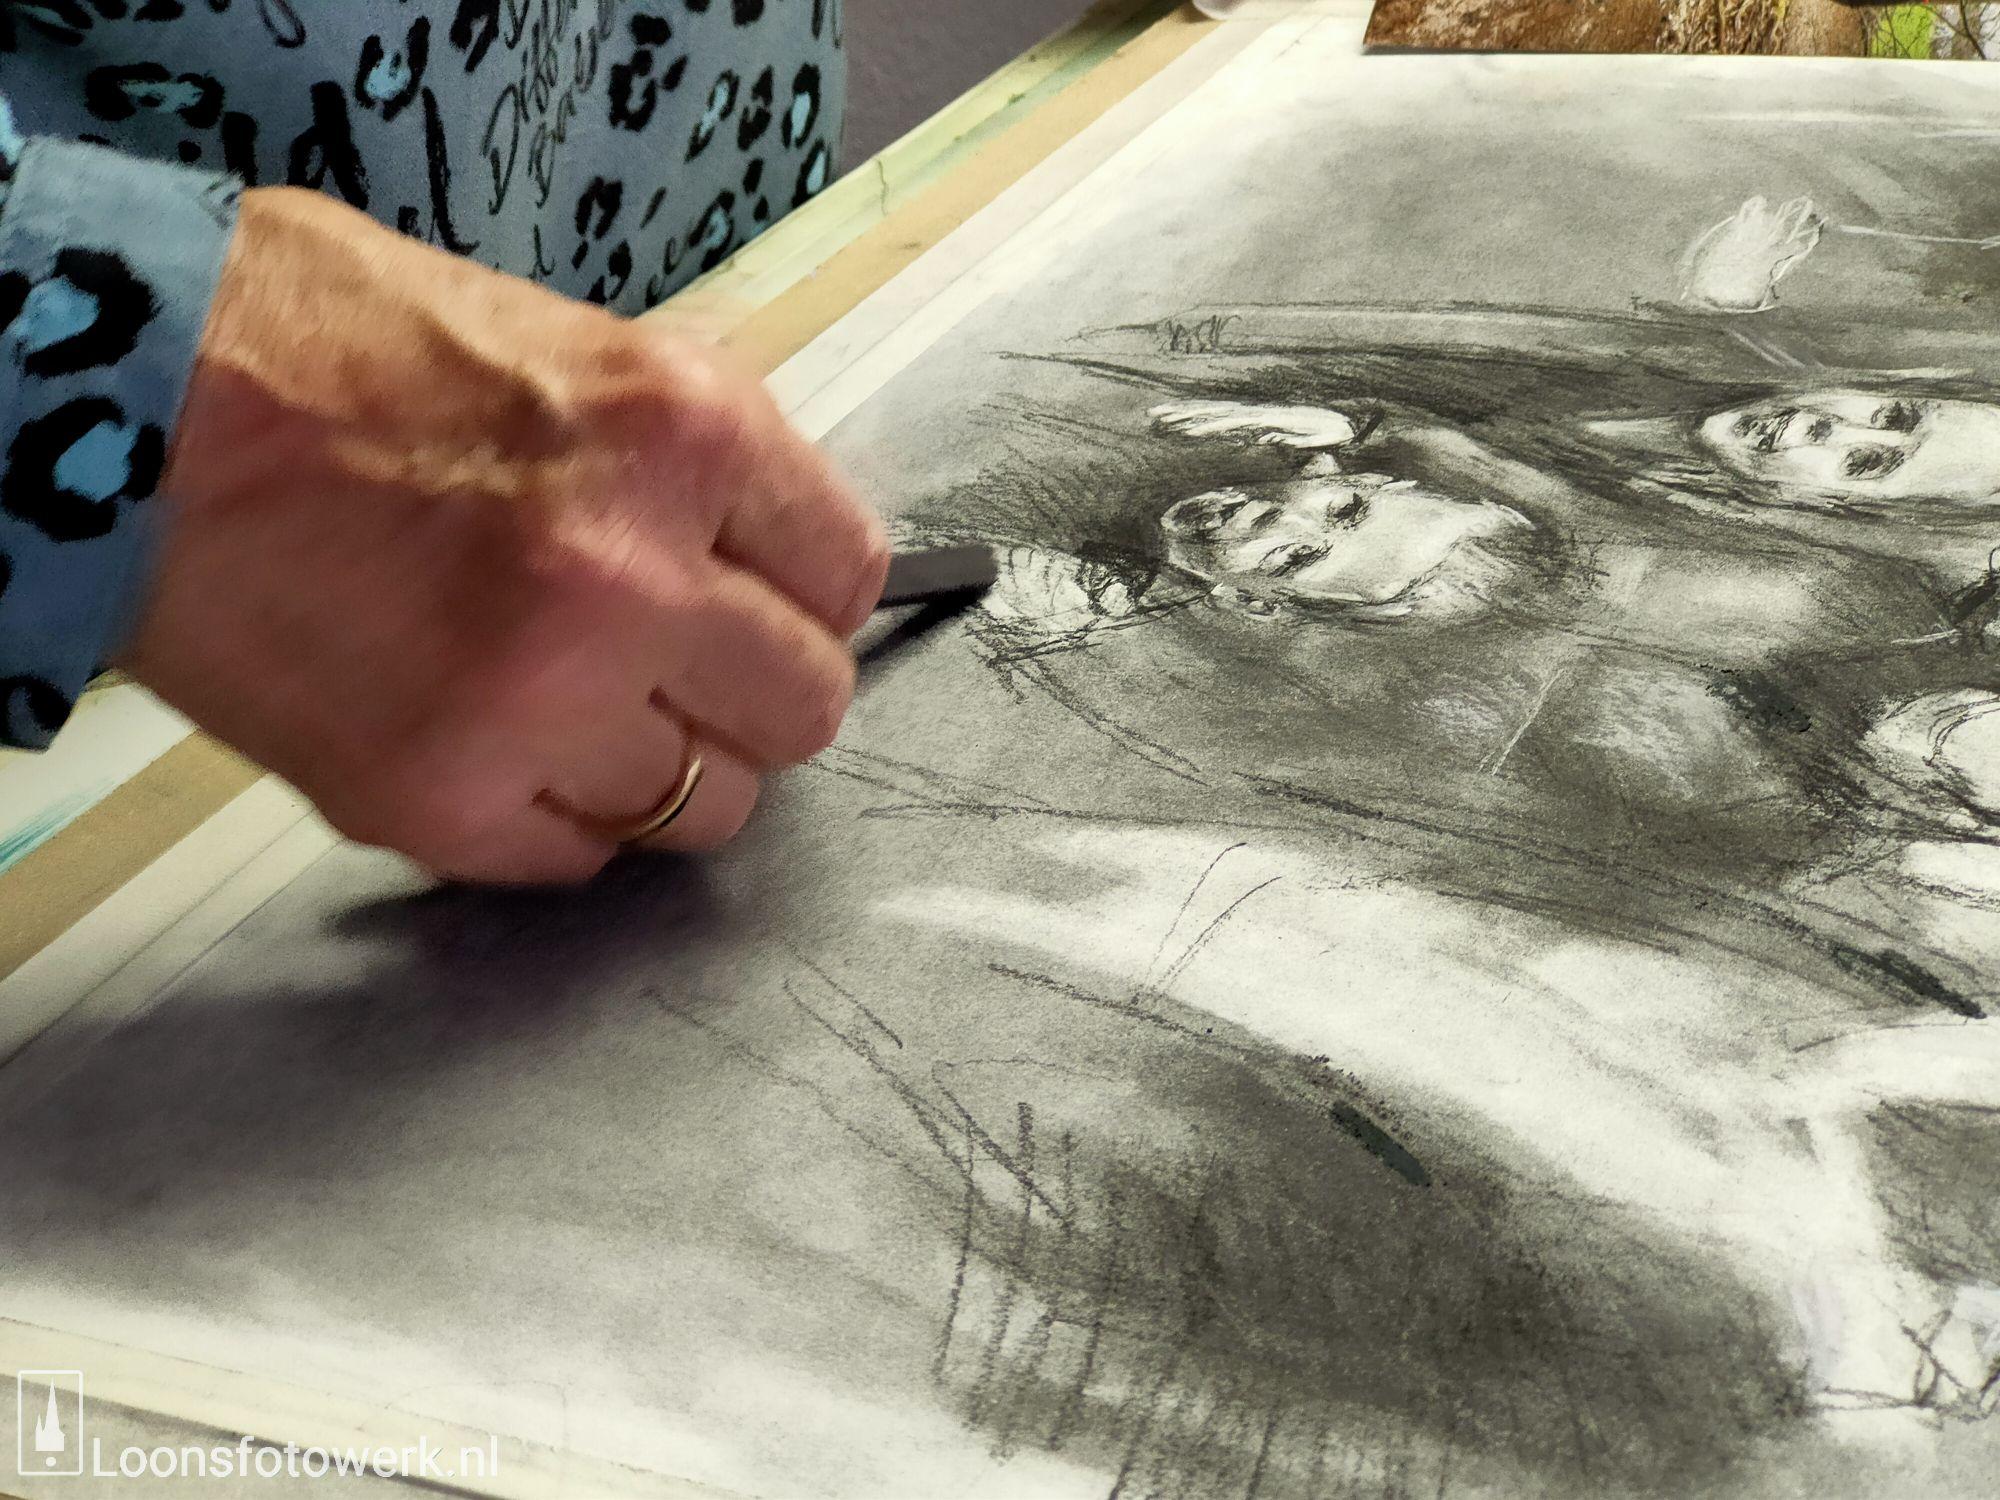 Els Smulders - Waijers, kunstenares in hart en nieren 15